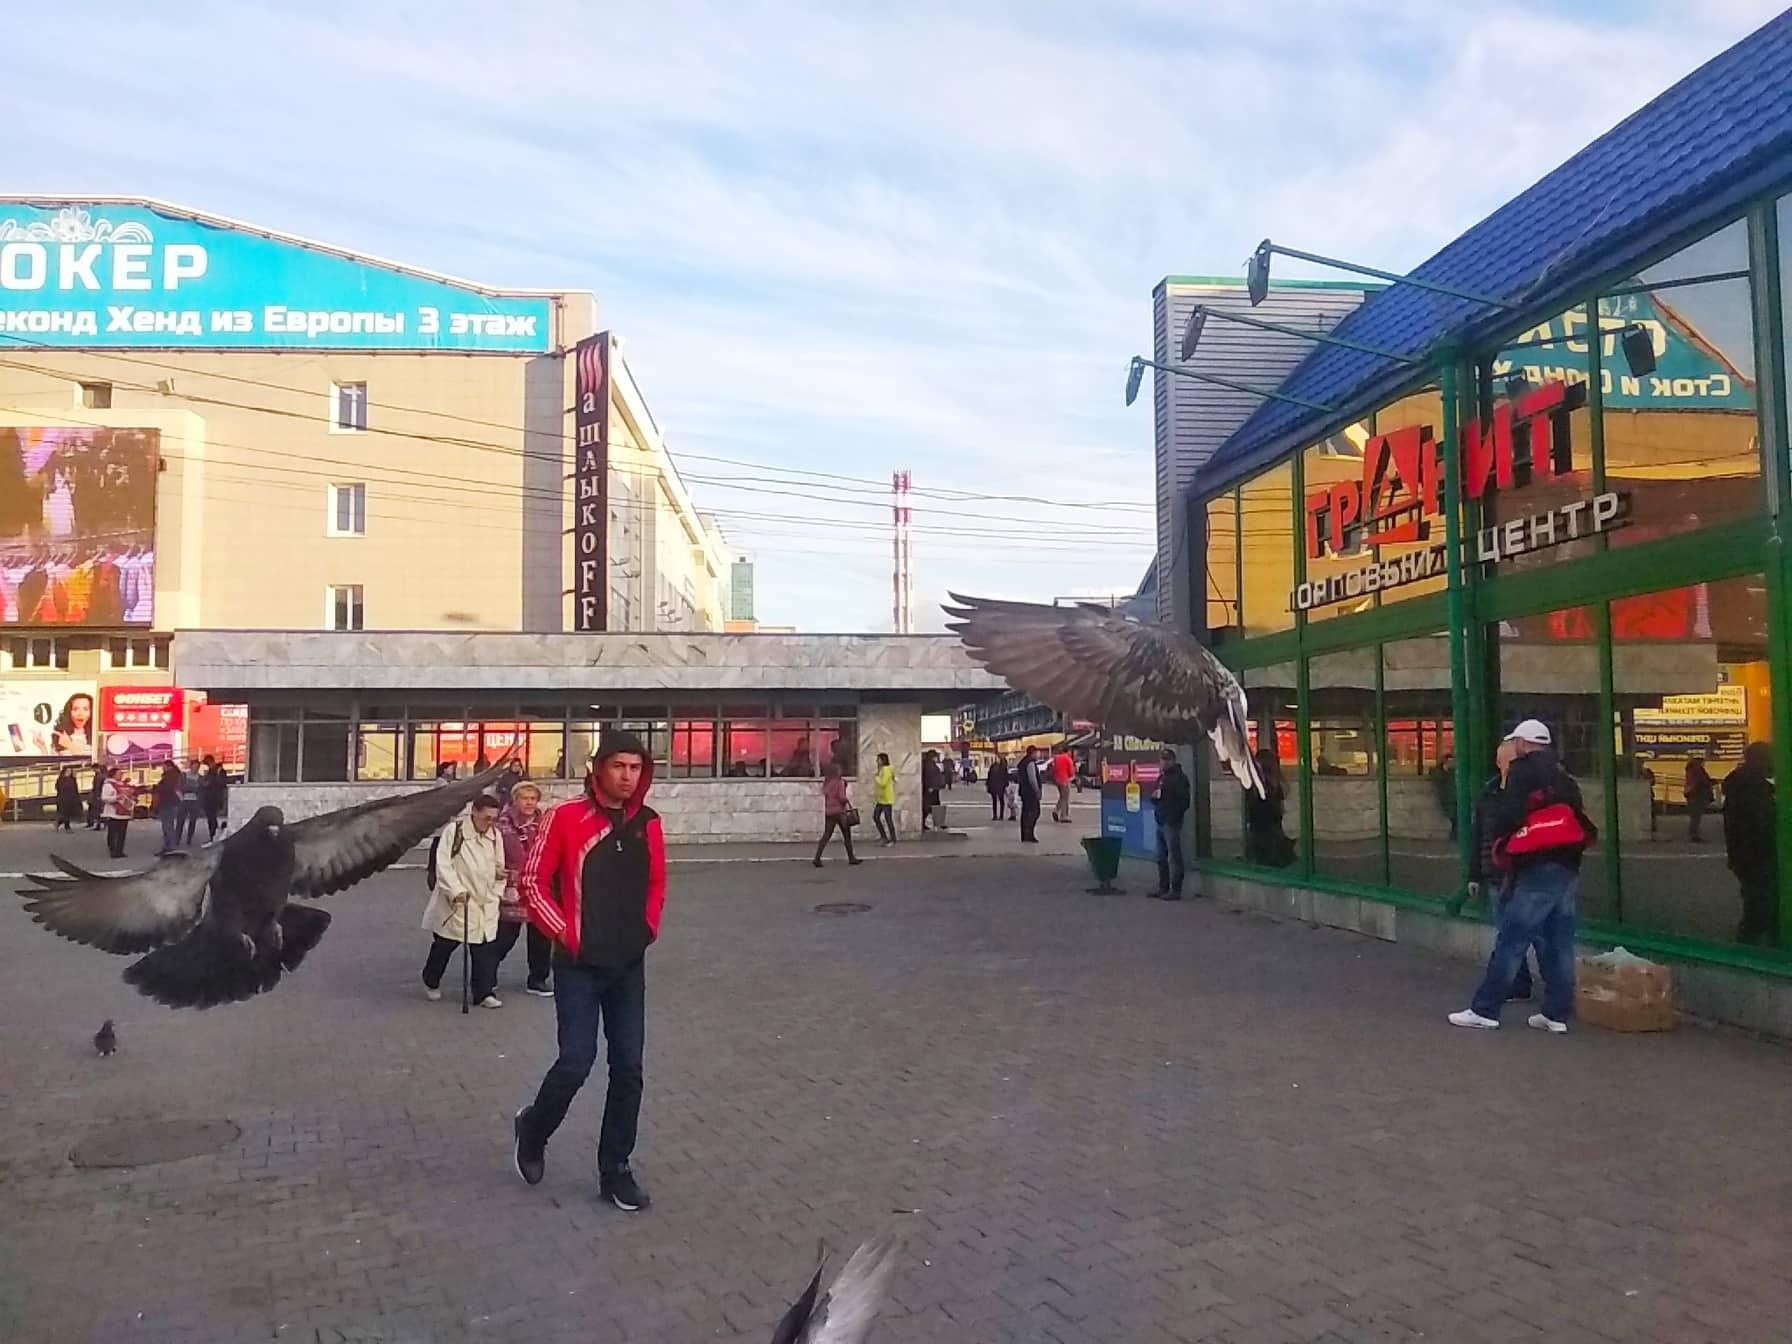 В будущем выход из метро должен будет находиться прямо в здании торгового центра